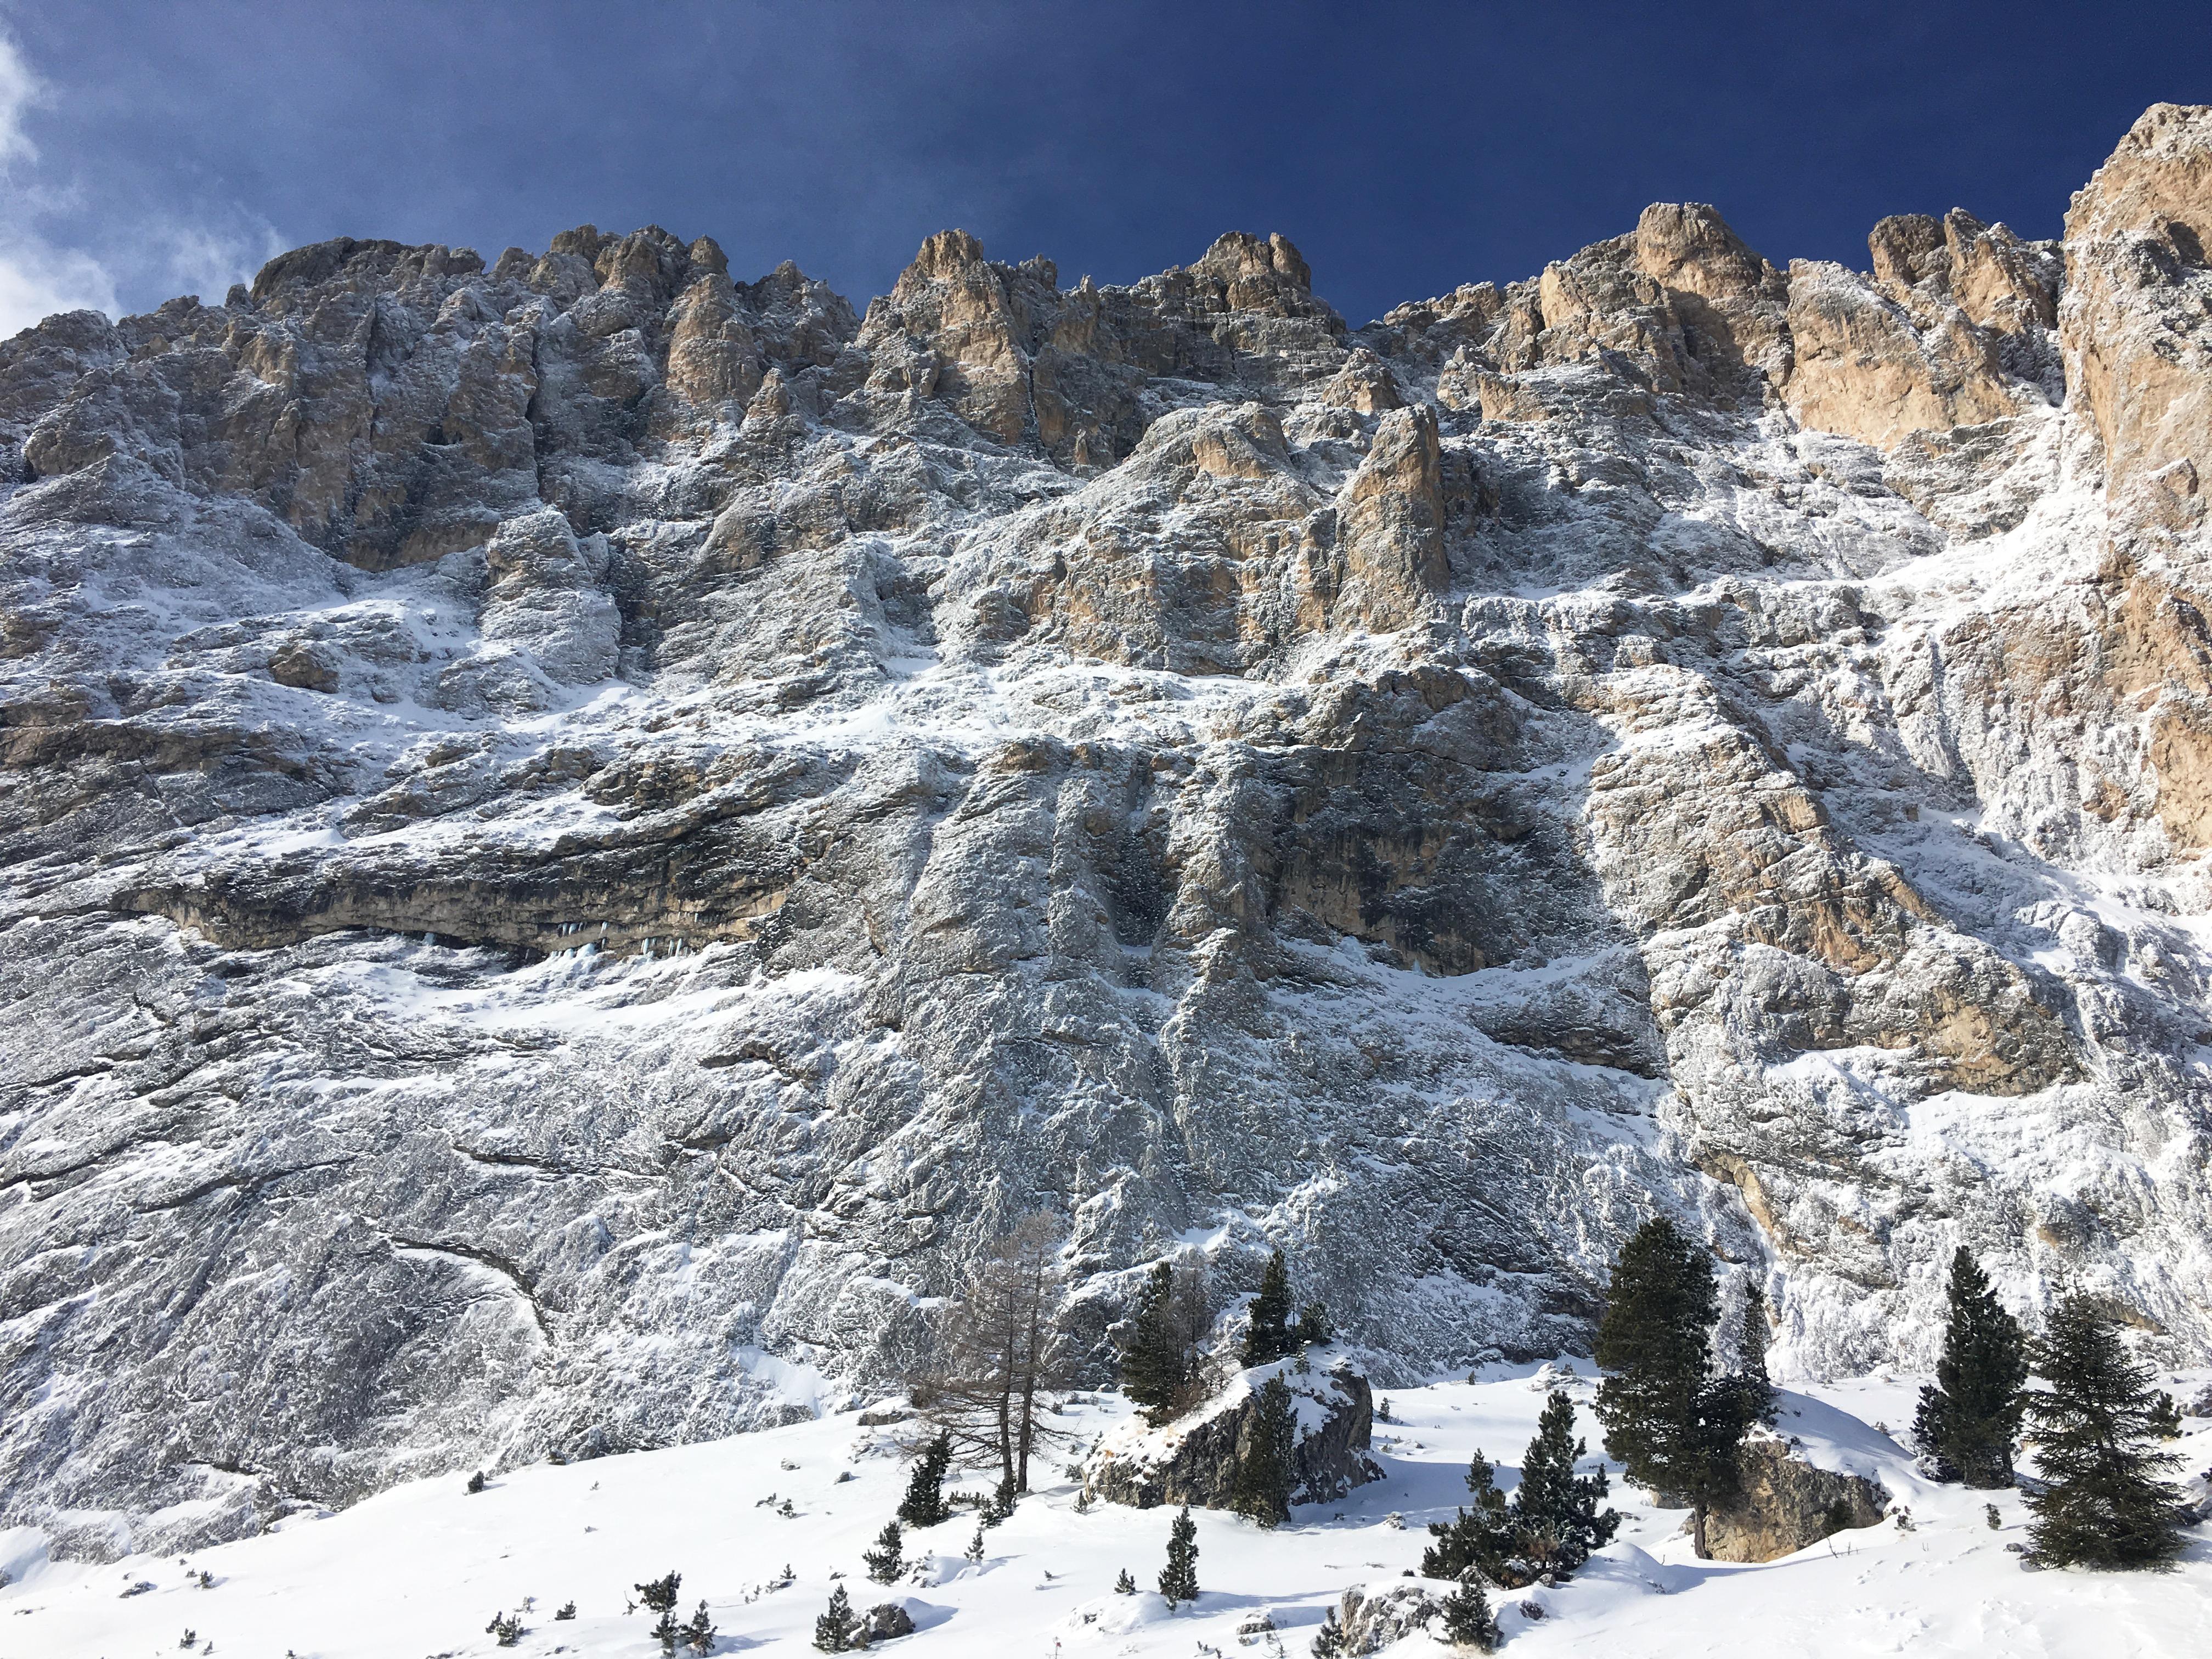 Гора Сассолунго Sassolungo Доломитовые Альпы пейзажи природы Альберт Сафиуллин